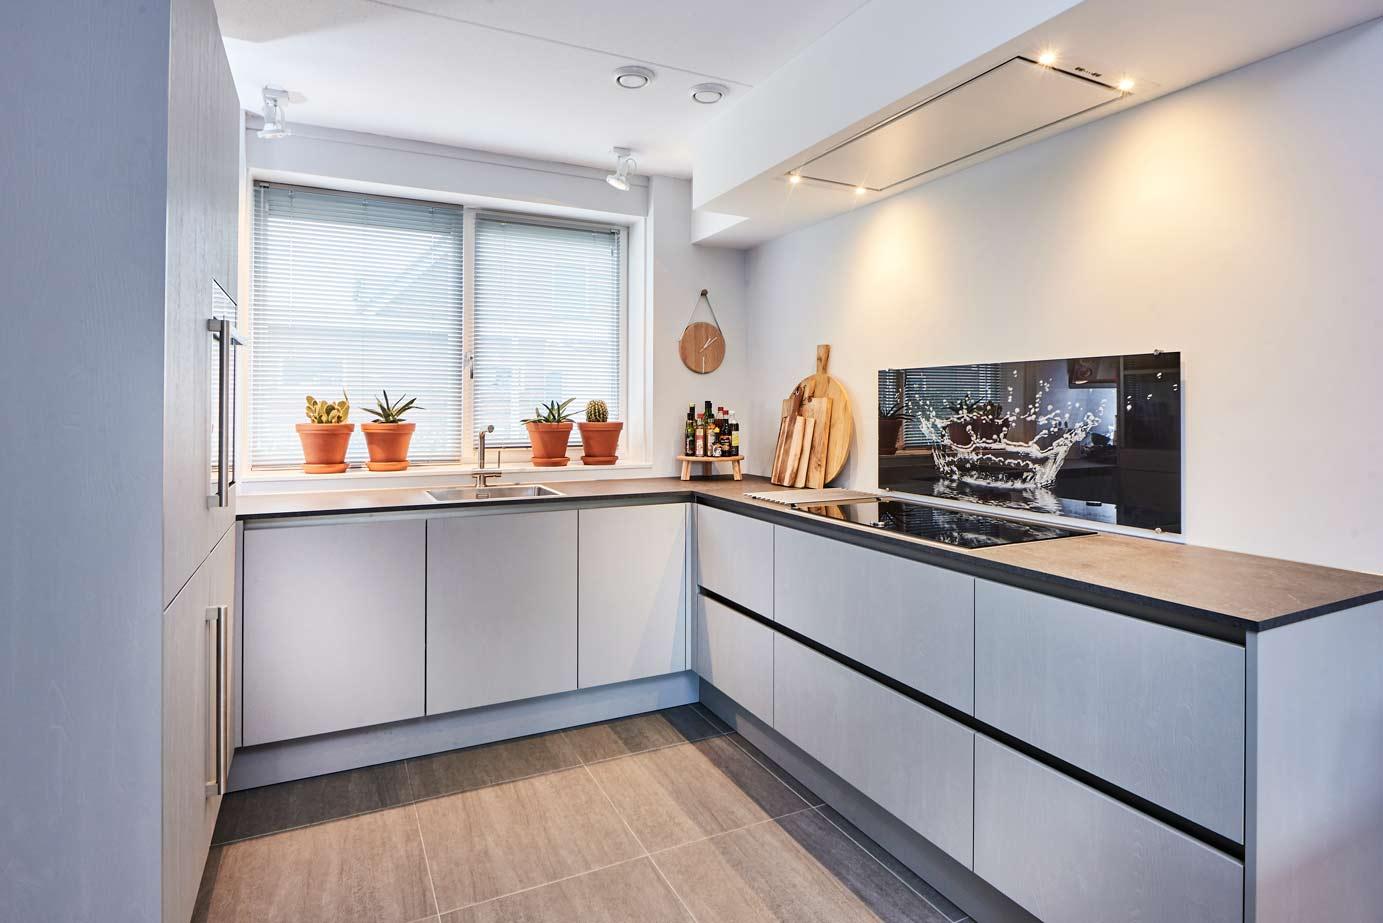 Keuken kopen in alkmaar lees ervaring en maak beste keus keur